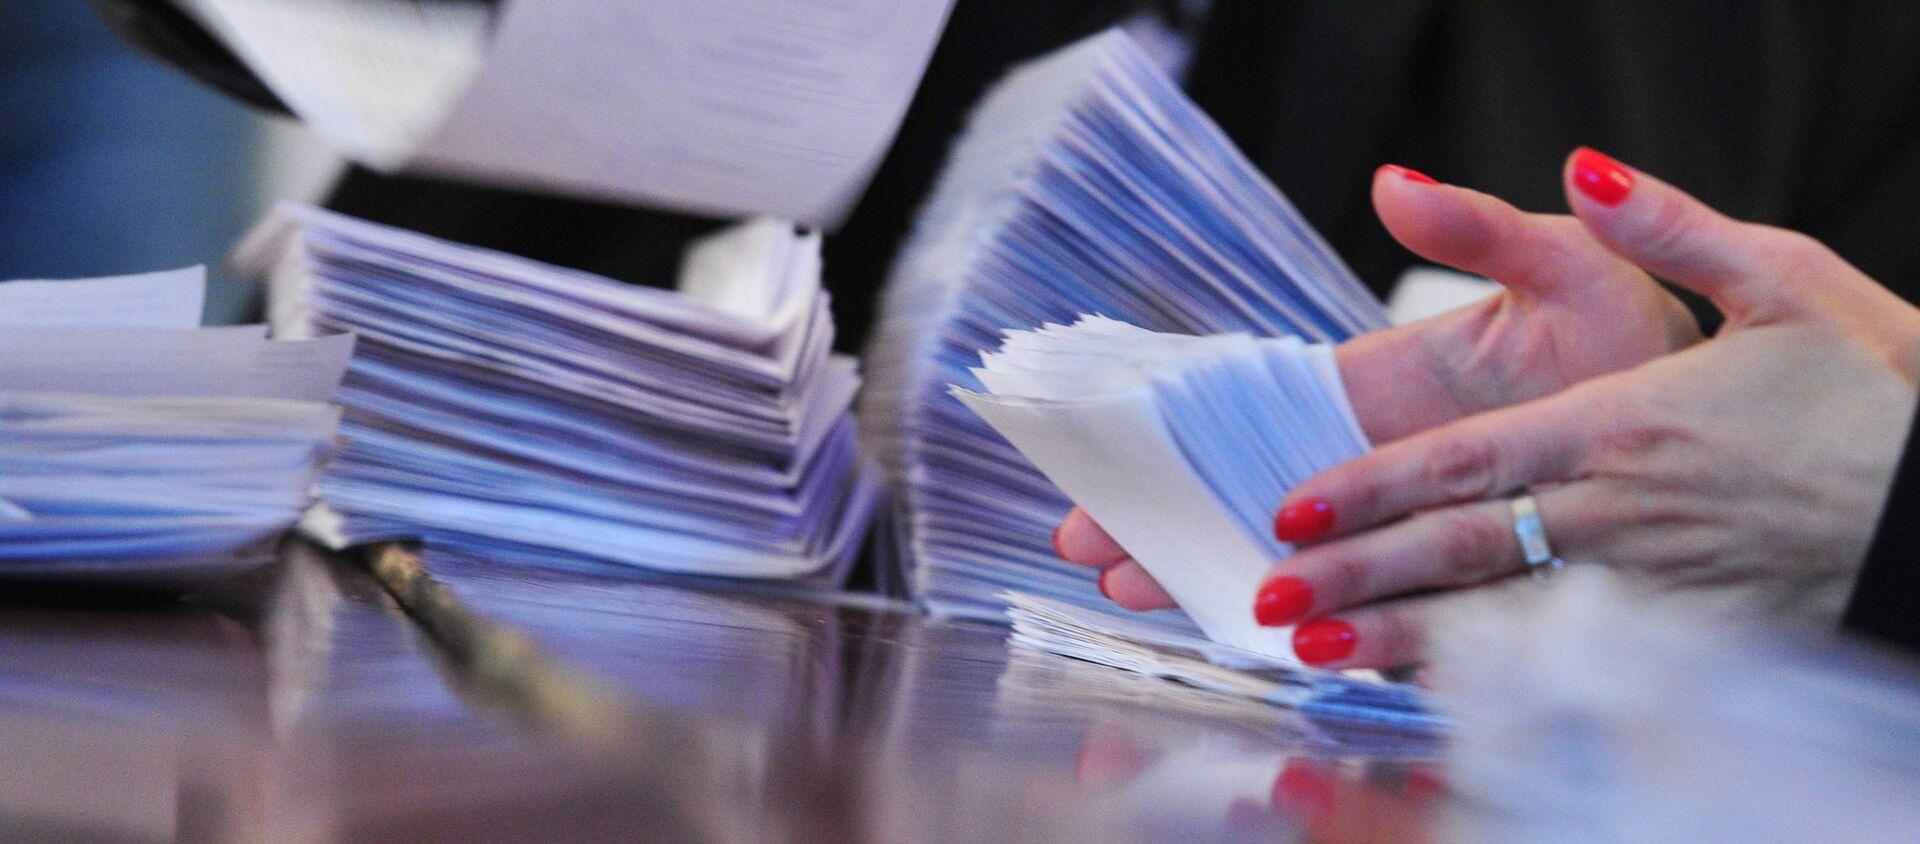 Сотрудники участковой избирательной комиссии № 6/02 в Ереване подсчитывают бюллетени  - Sputnik Армения, 1920, 05.06.2021